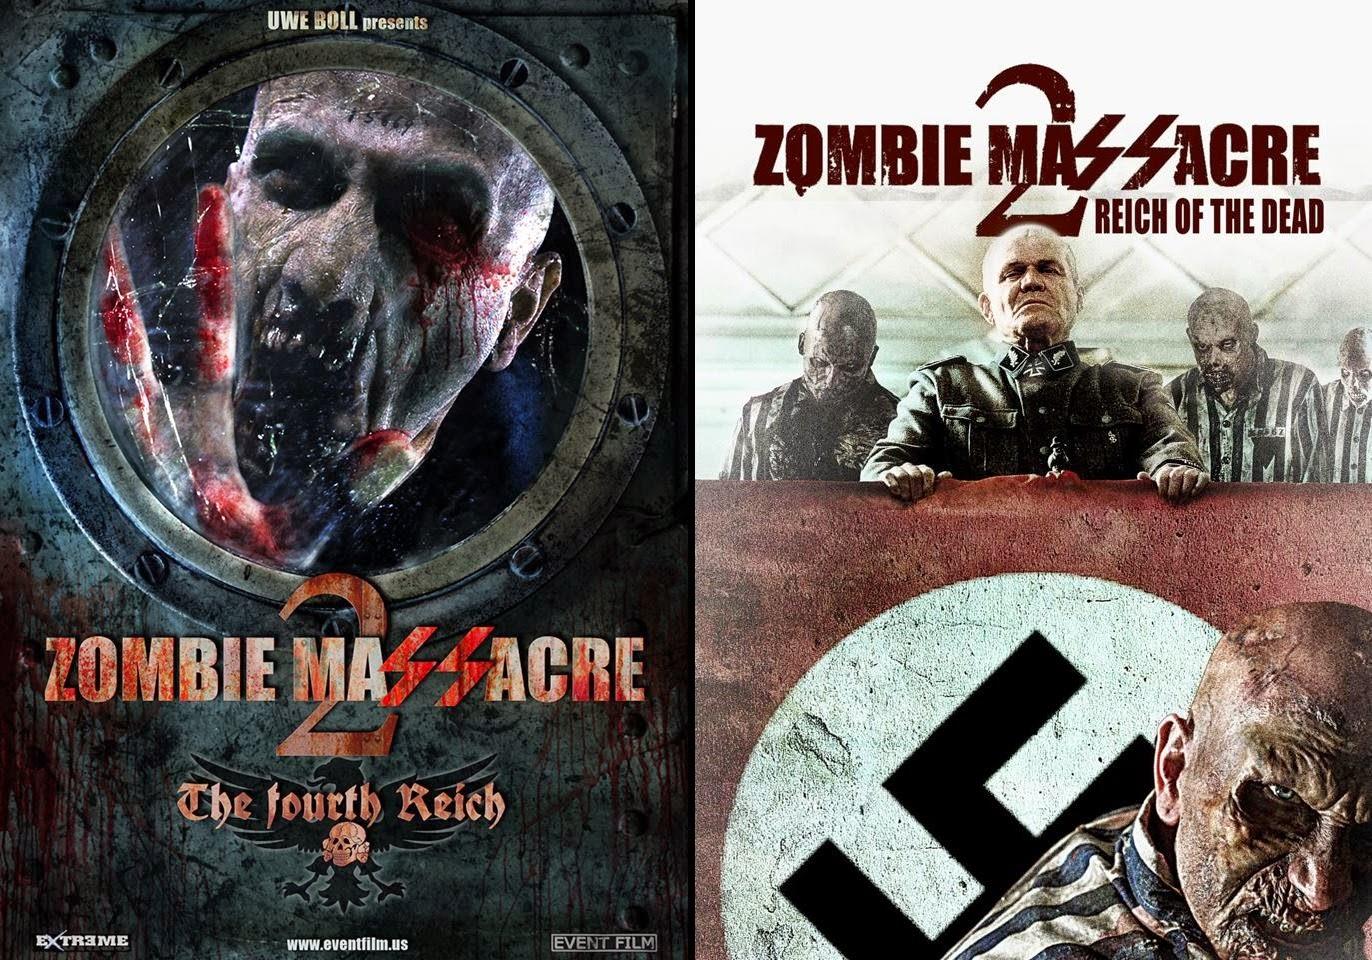 Zombie Massacre 2 Reich Of The Dead Disponibile Per I Mercati Esteri Zombie Knowledge Base Gli Zombie Non